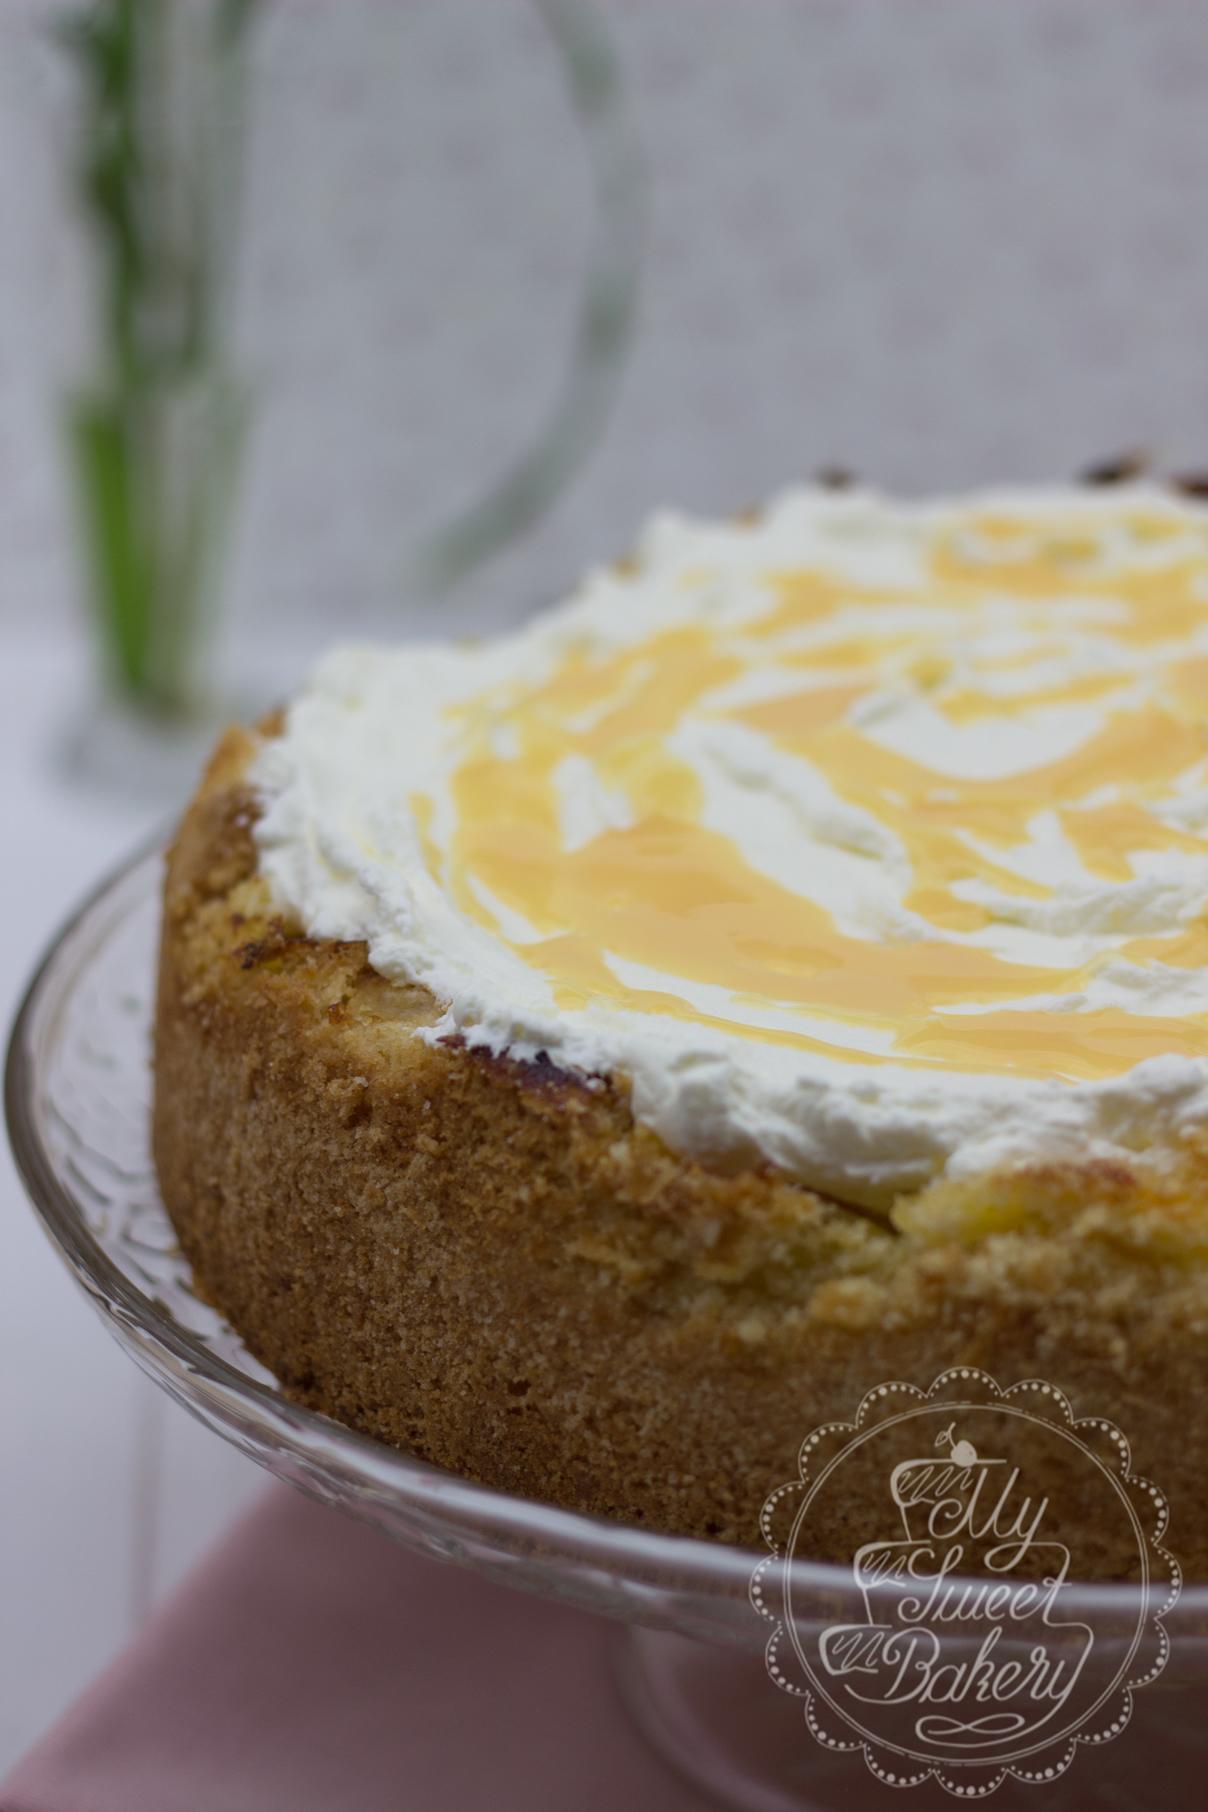 Apfel-Wein-Torte3